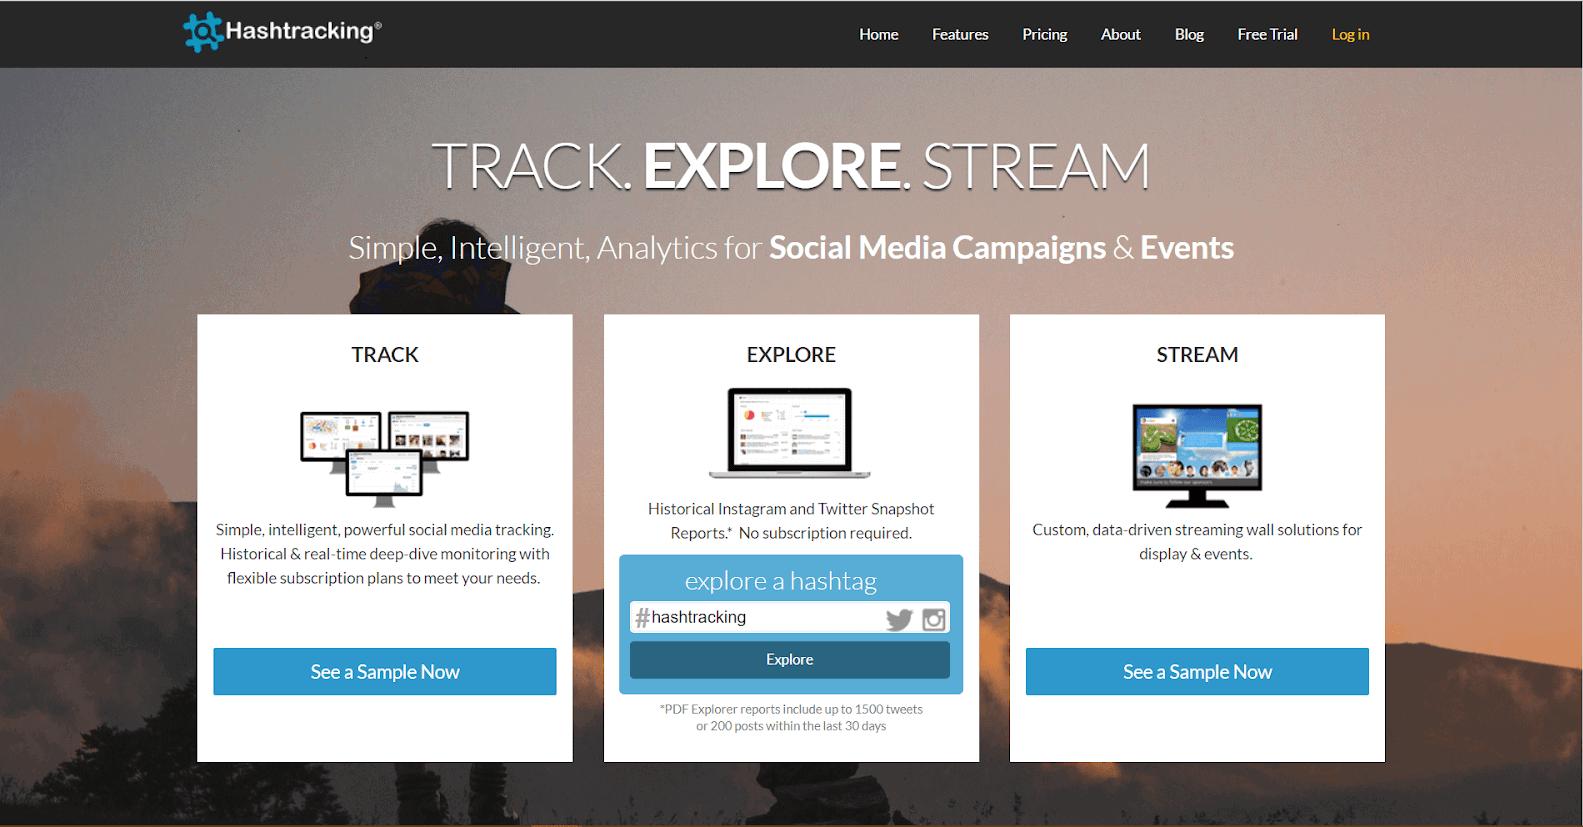 Hashtracking Hashtag Tracking Tools